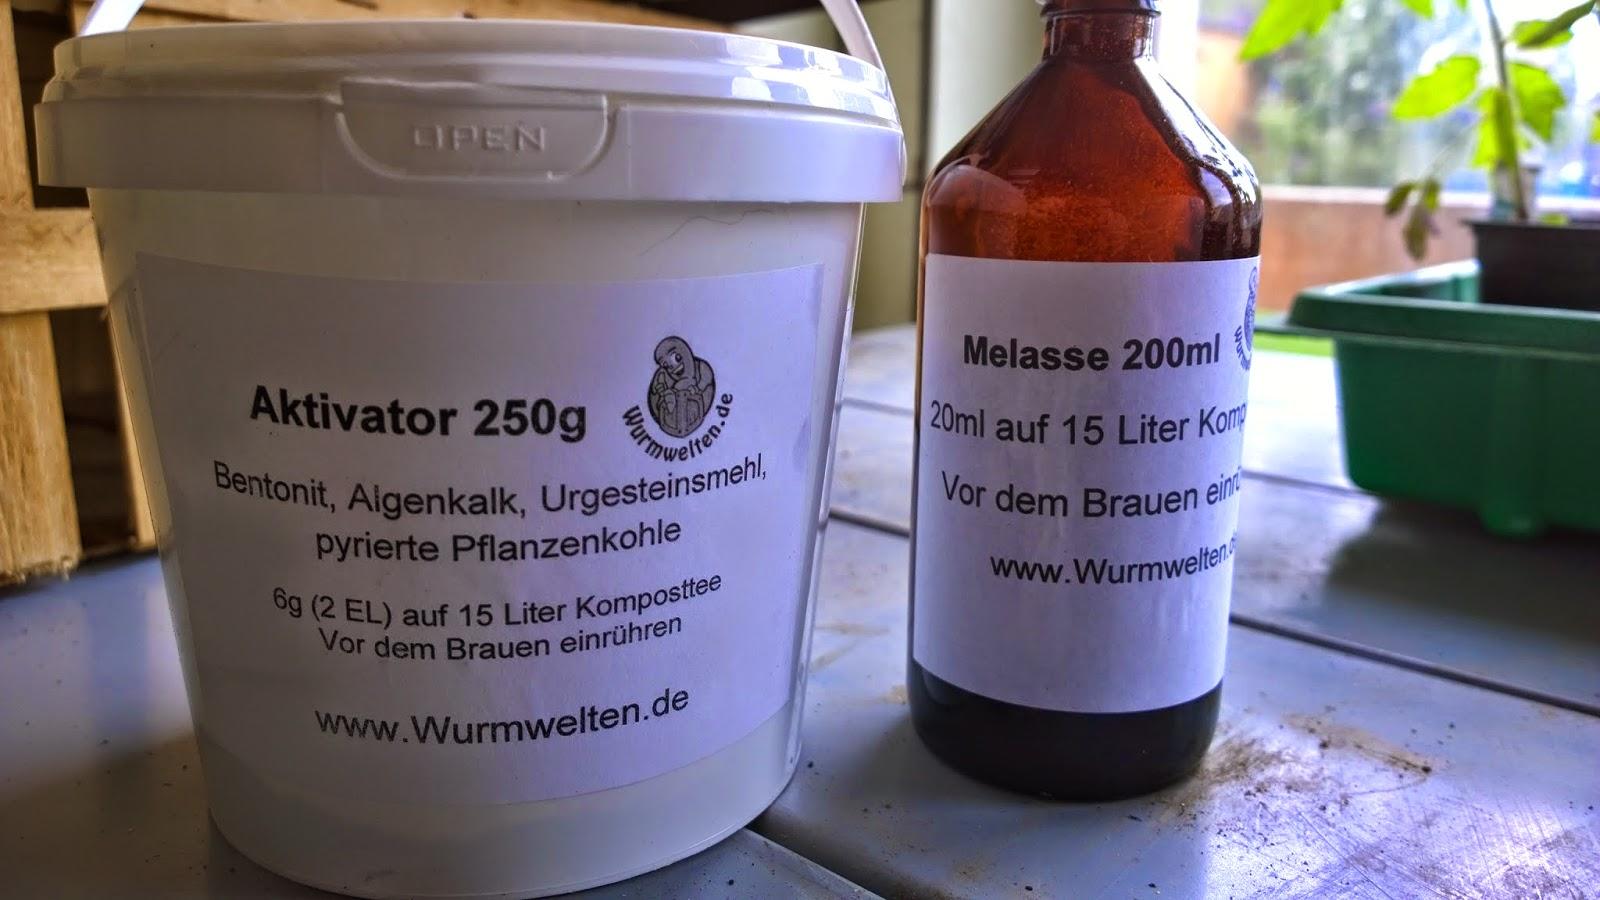 Aktivator und Melasse für den Komposttee (c) by Joachim Wenk